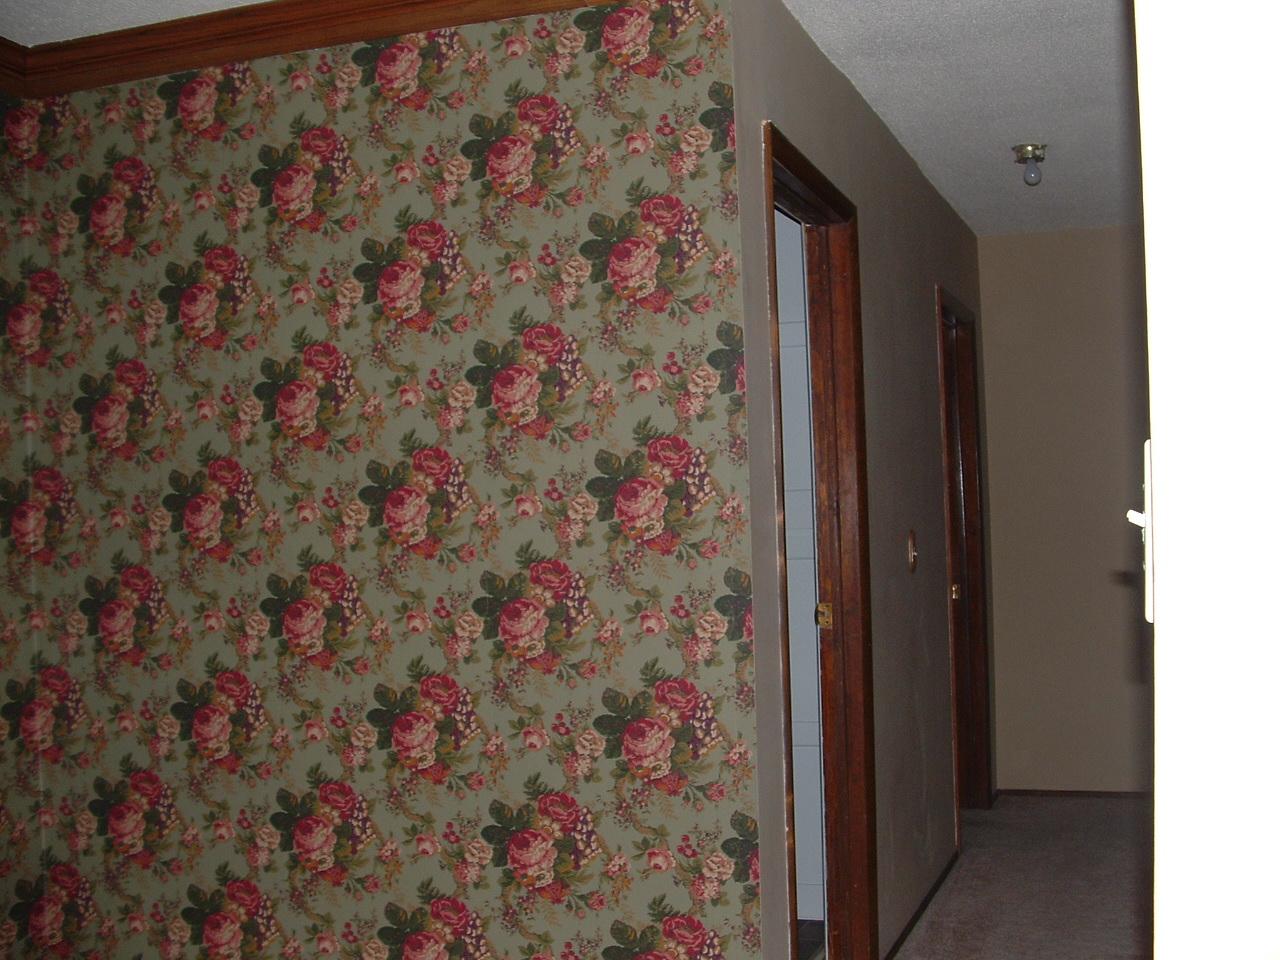 sage green cabbage wallpaper in hallway